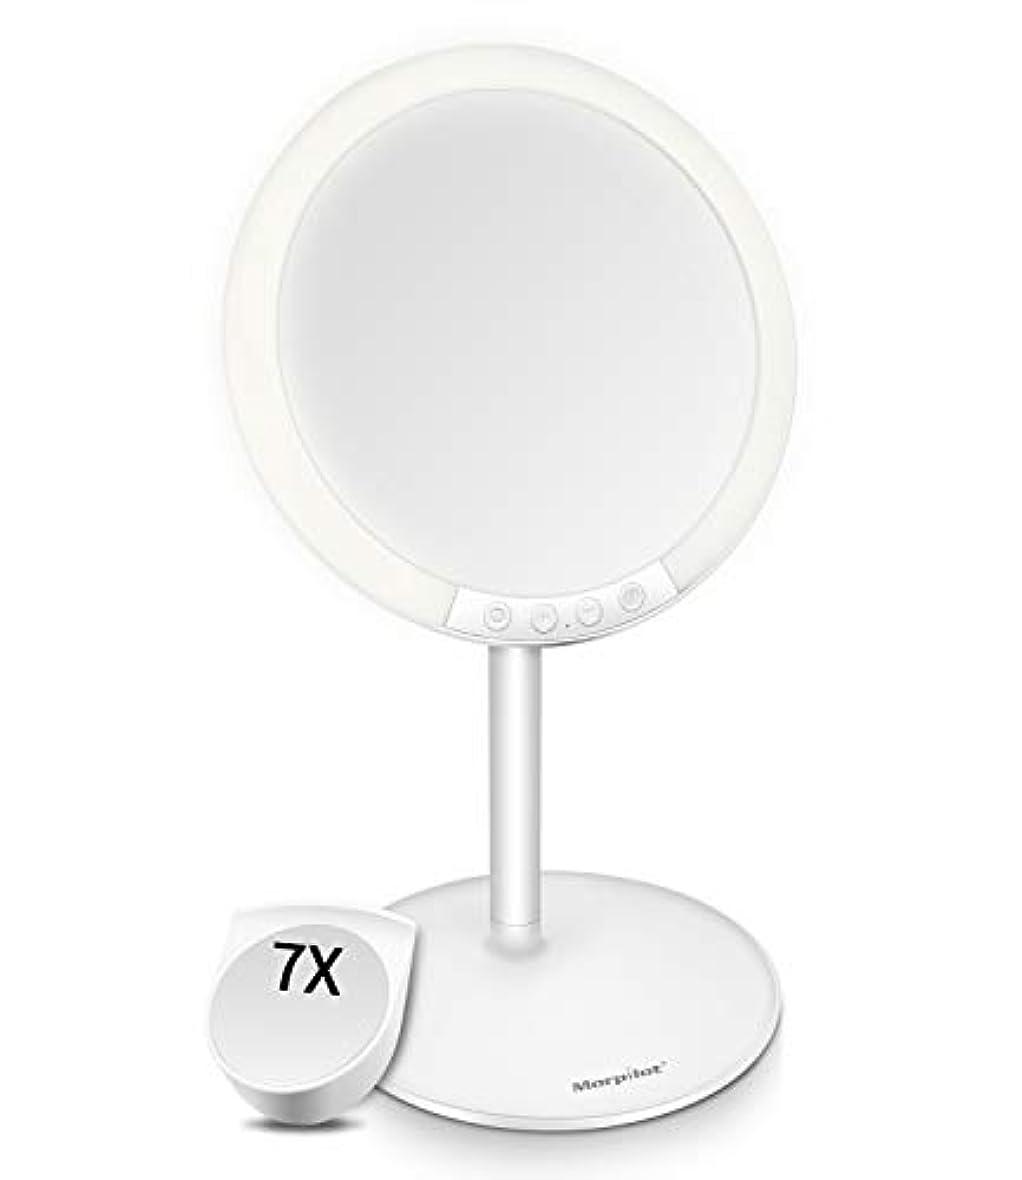 火人工一緒Motpilot 化粧鏡 卓上ミラー 鏡 化粧ミラー 女優ミラー LEDミラー スタンドミラー USB充電式 寒暖色調節可能 明るさ7段階調節可能 7倍拡大鏡付き 120°回転 ホワイト